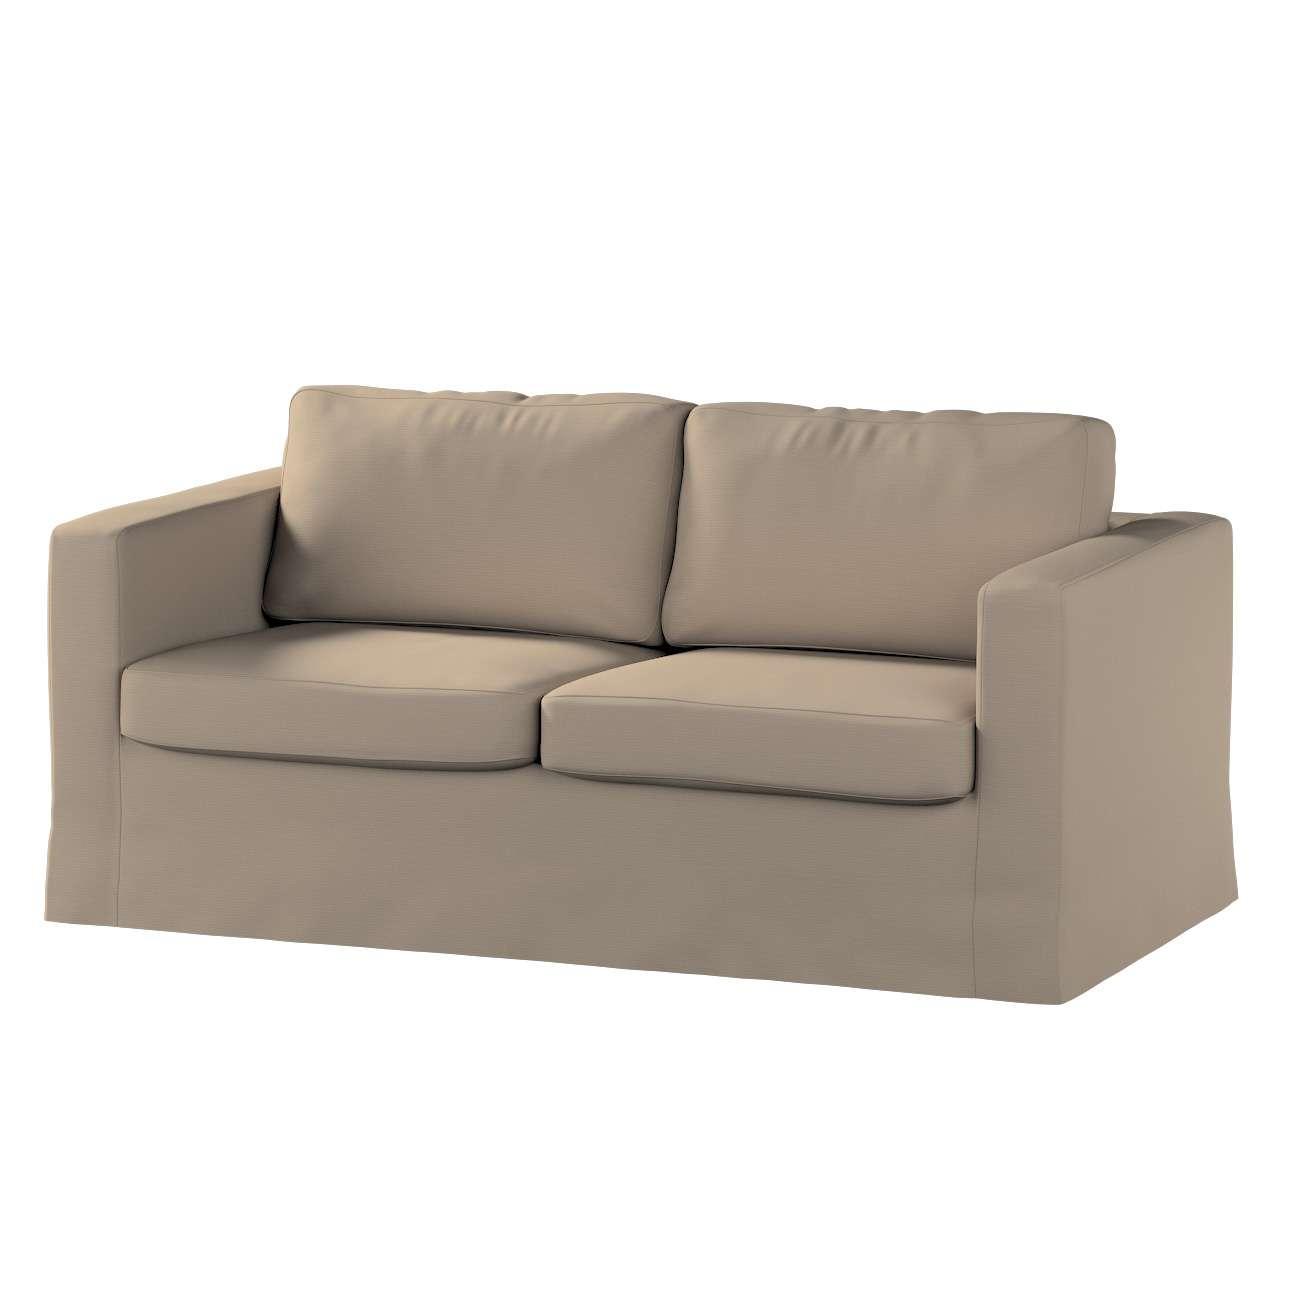 Potah na pohovku IKEA  Karlstad 2-místná , nerozkládací, dlouhý pohovka Karlstad 2-místná v kolekci Cotton Panama, látka: 702-28